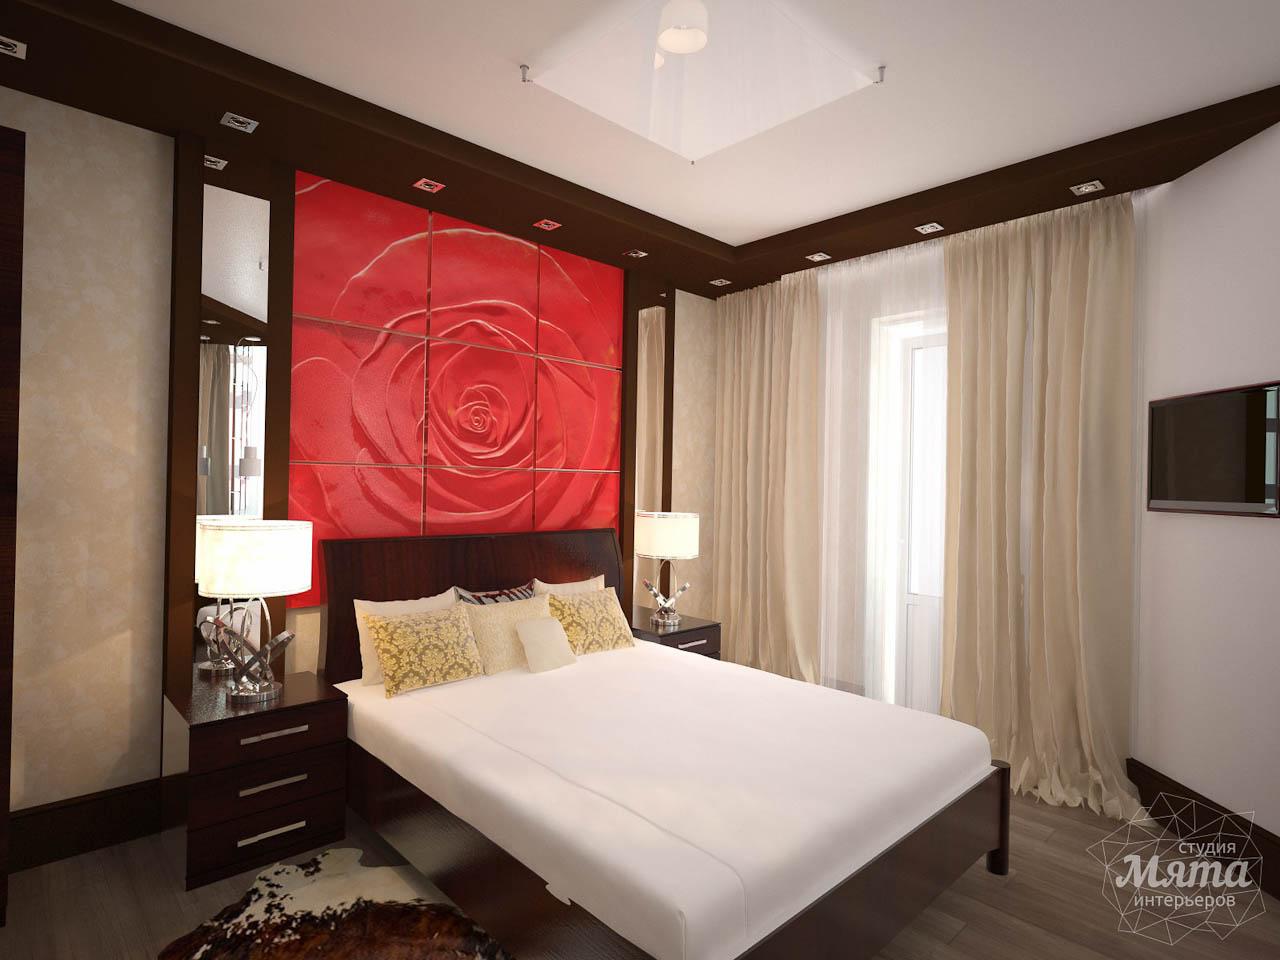 Дизайн интерьера трехкомнатной квартиры по ул. Белинского 222 img1589525254